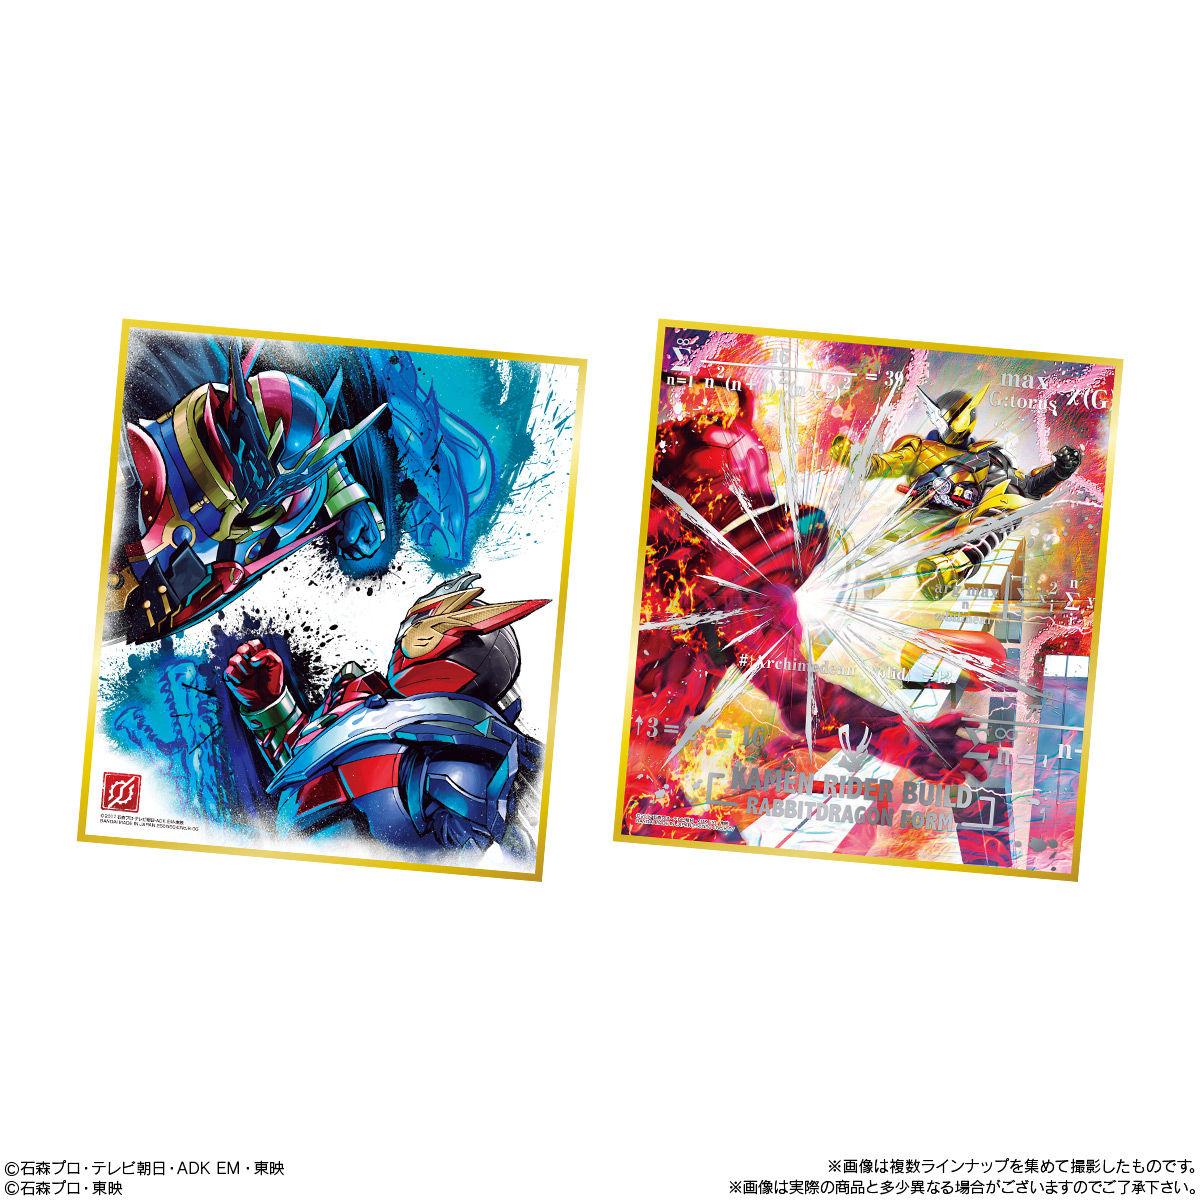 【食玩】『仮面ライダー 色紙ART8』10個入りBOX-004